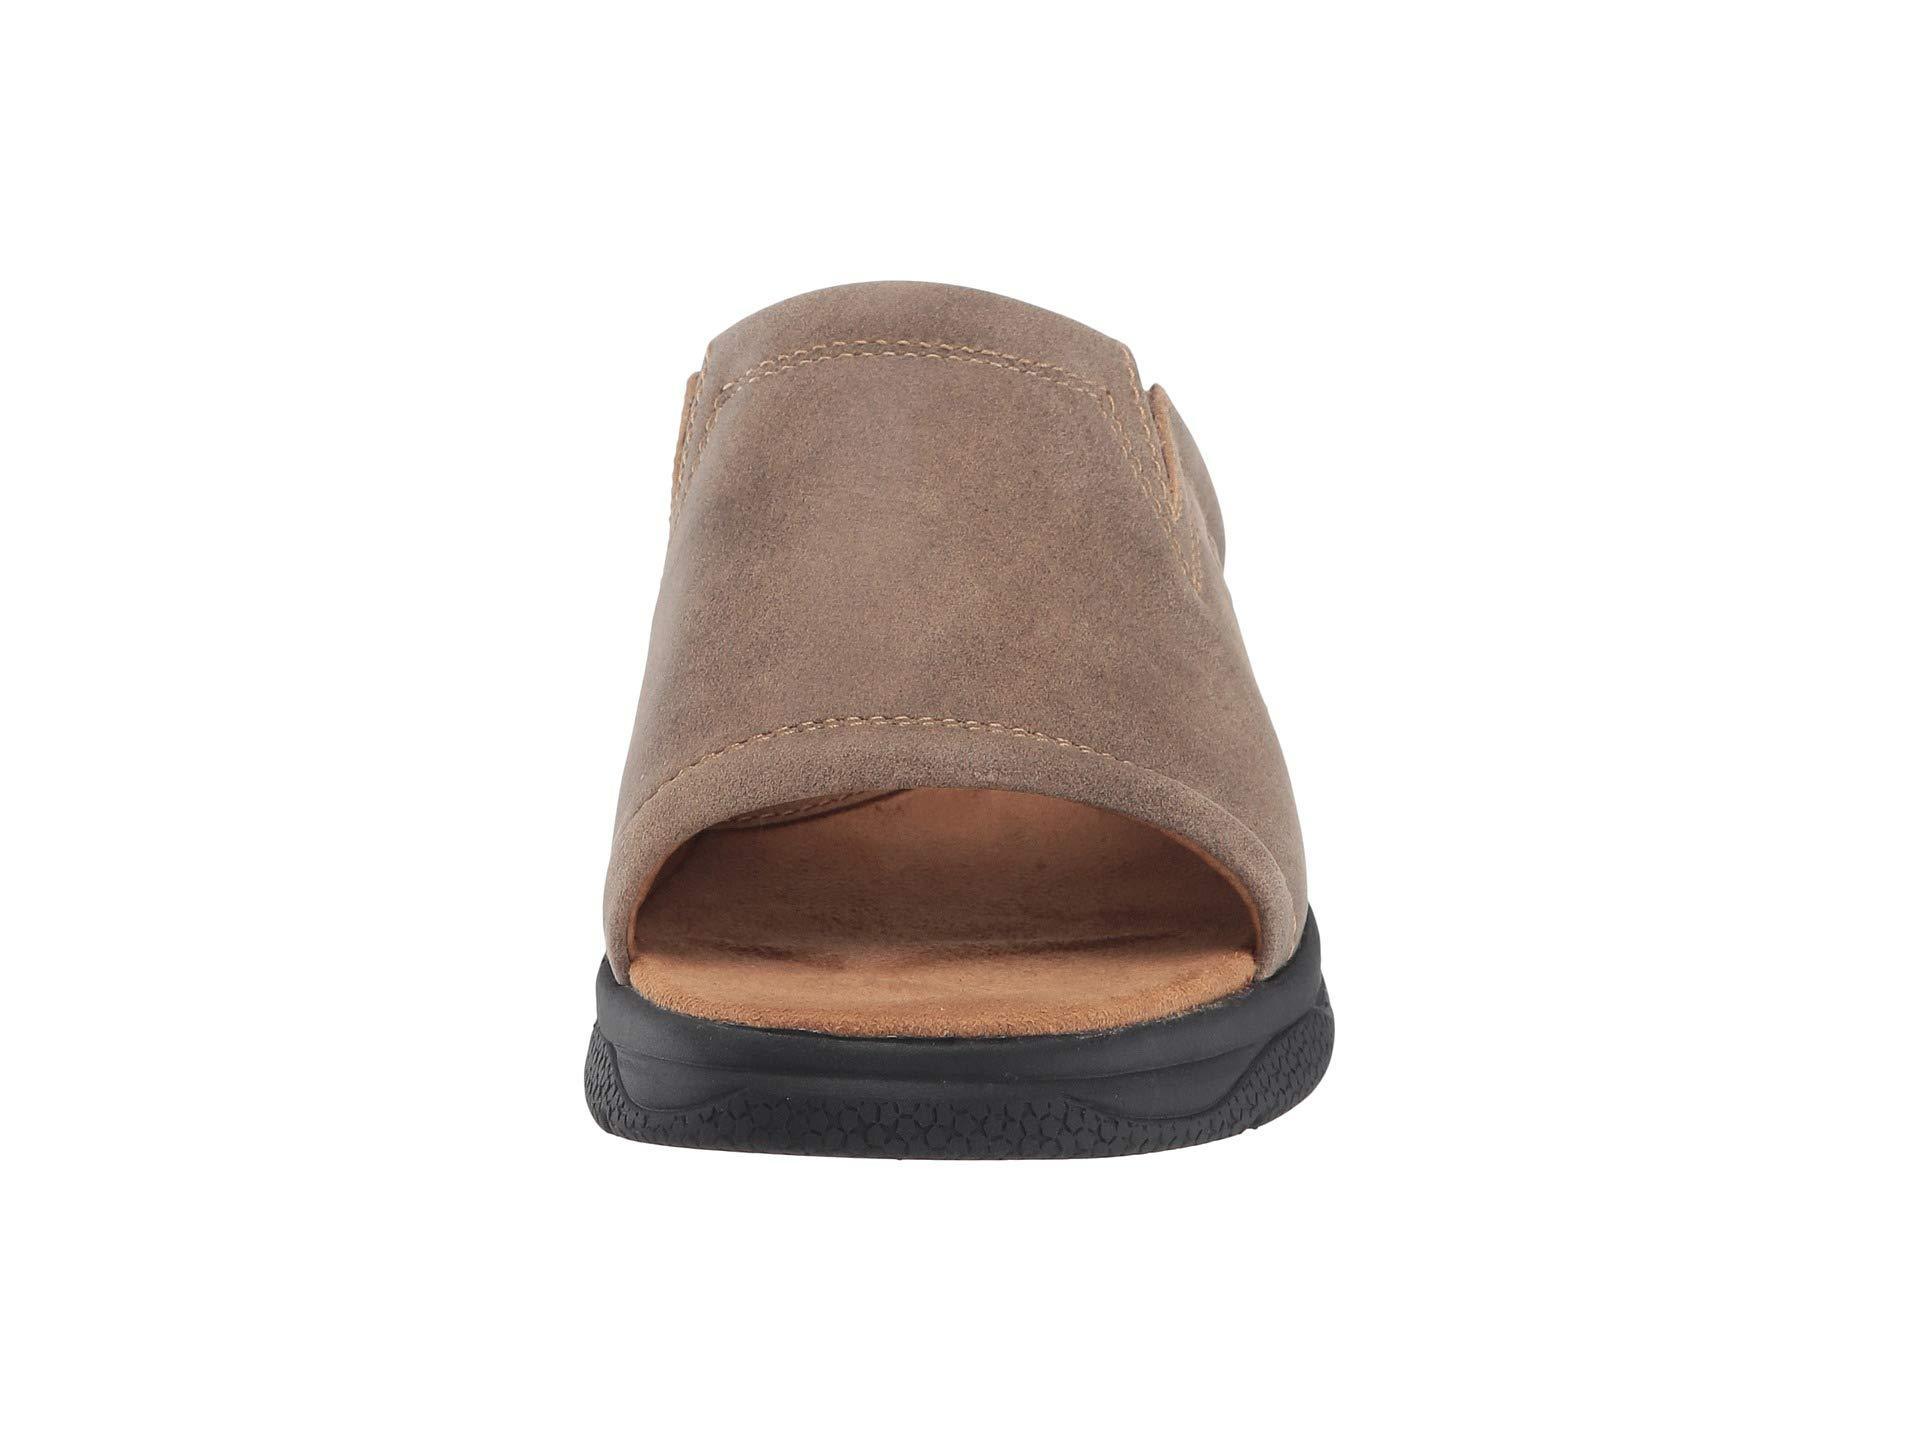 584f7ddef4a3 Ariat - Brown Bridgeport Sandal (red) Women s Sandals - Lyst. View  fullscreen